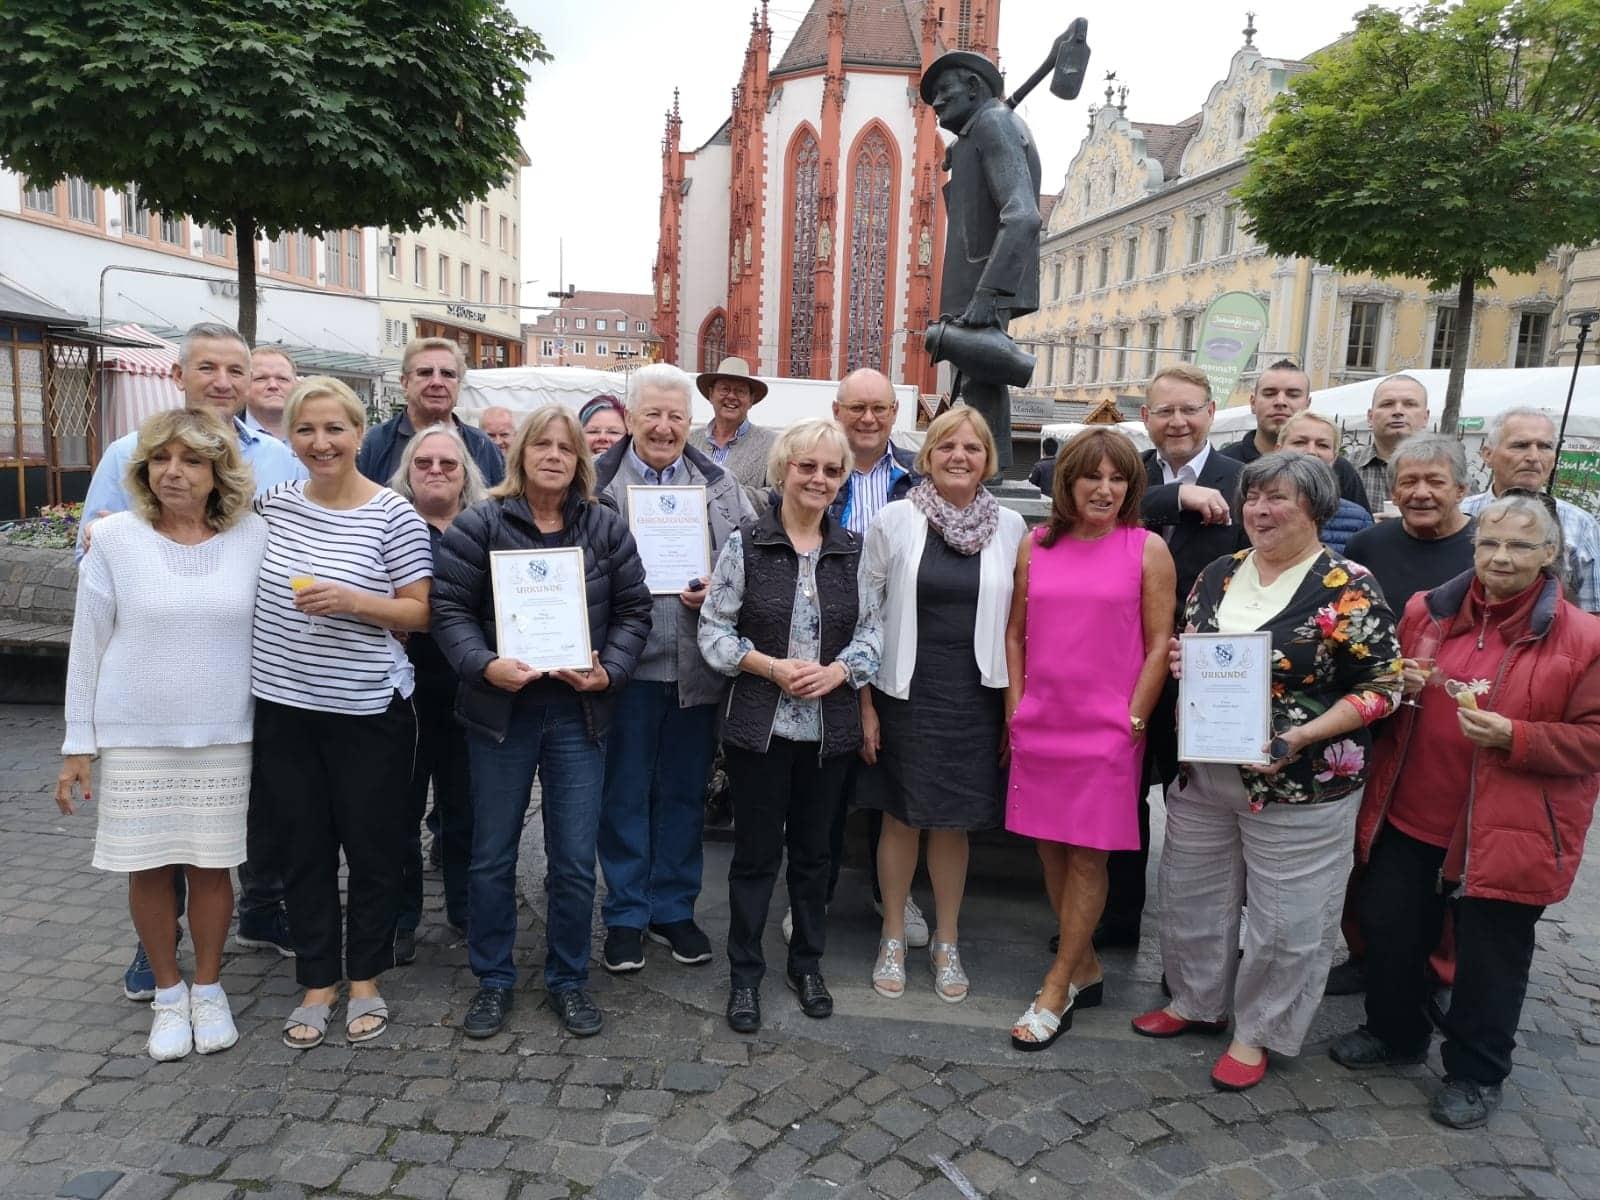 Bayerns Marktkaufleute und Schausteller treffen sich in Würzburg